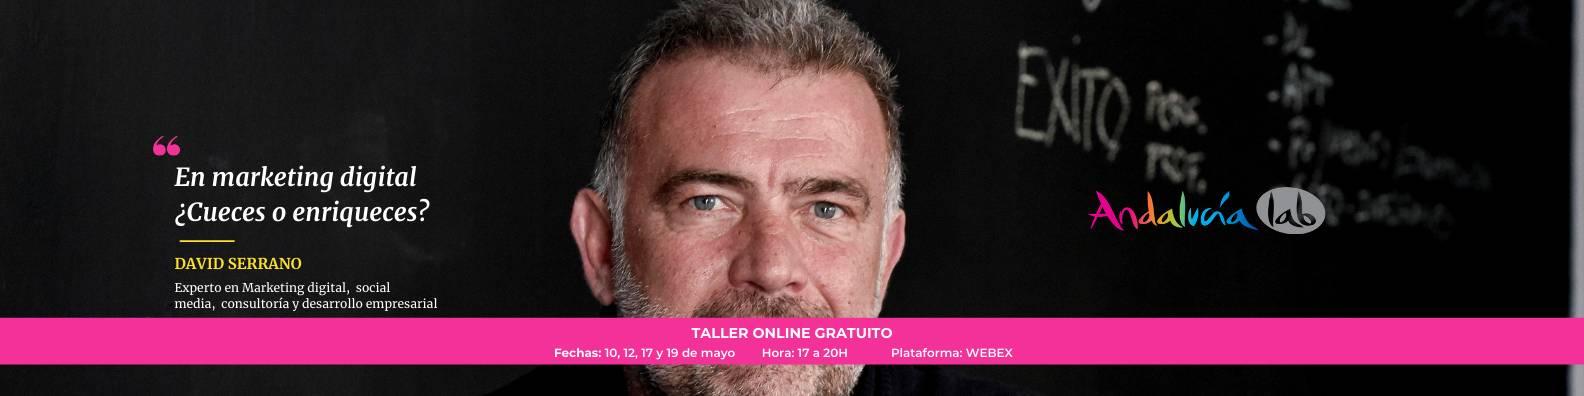 David Serrano Taller online de redes sociales